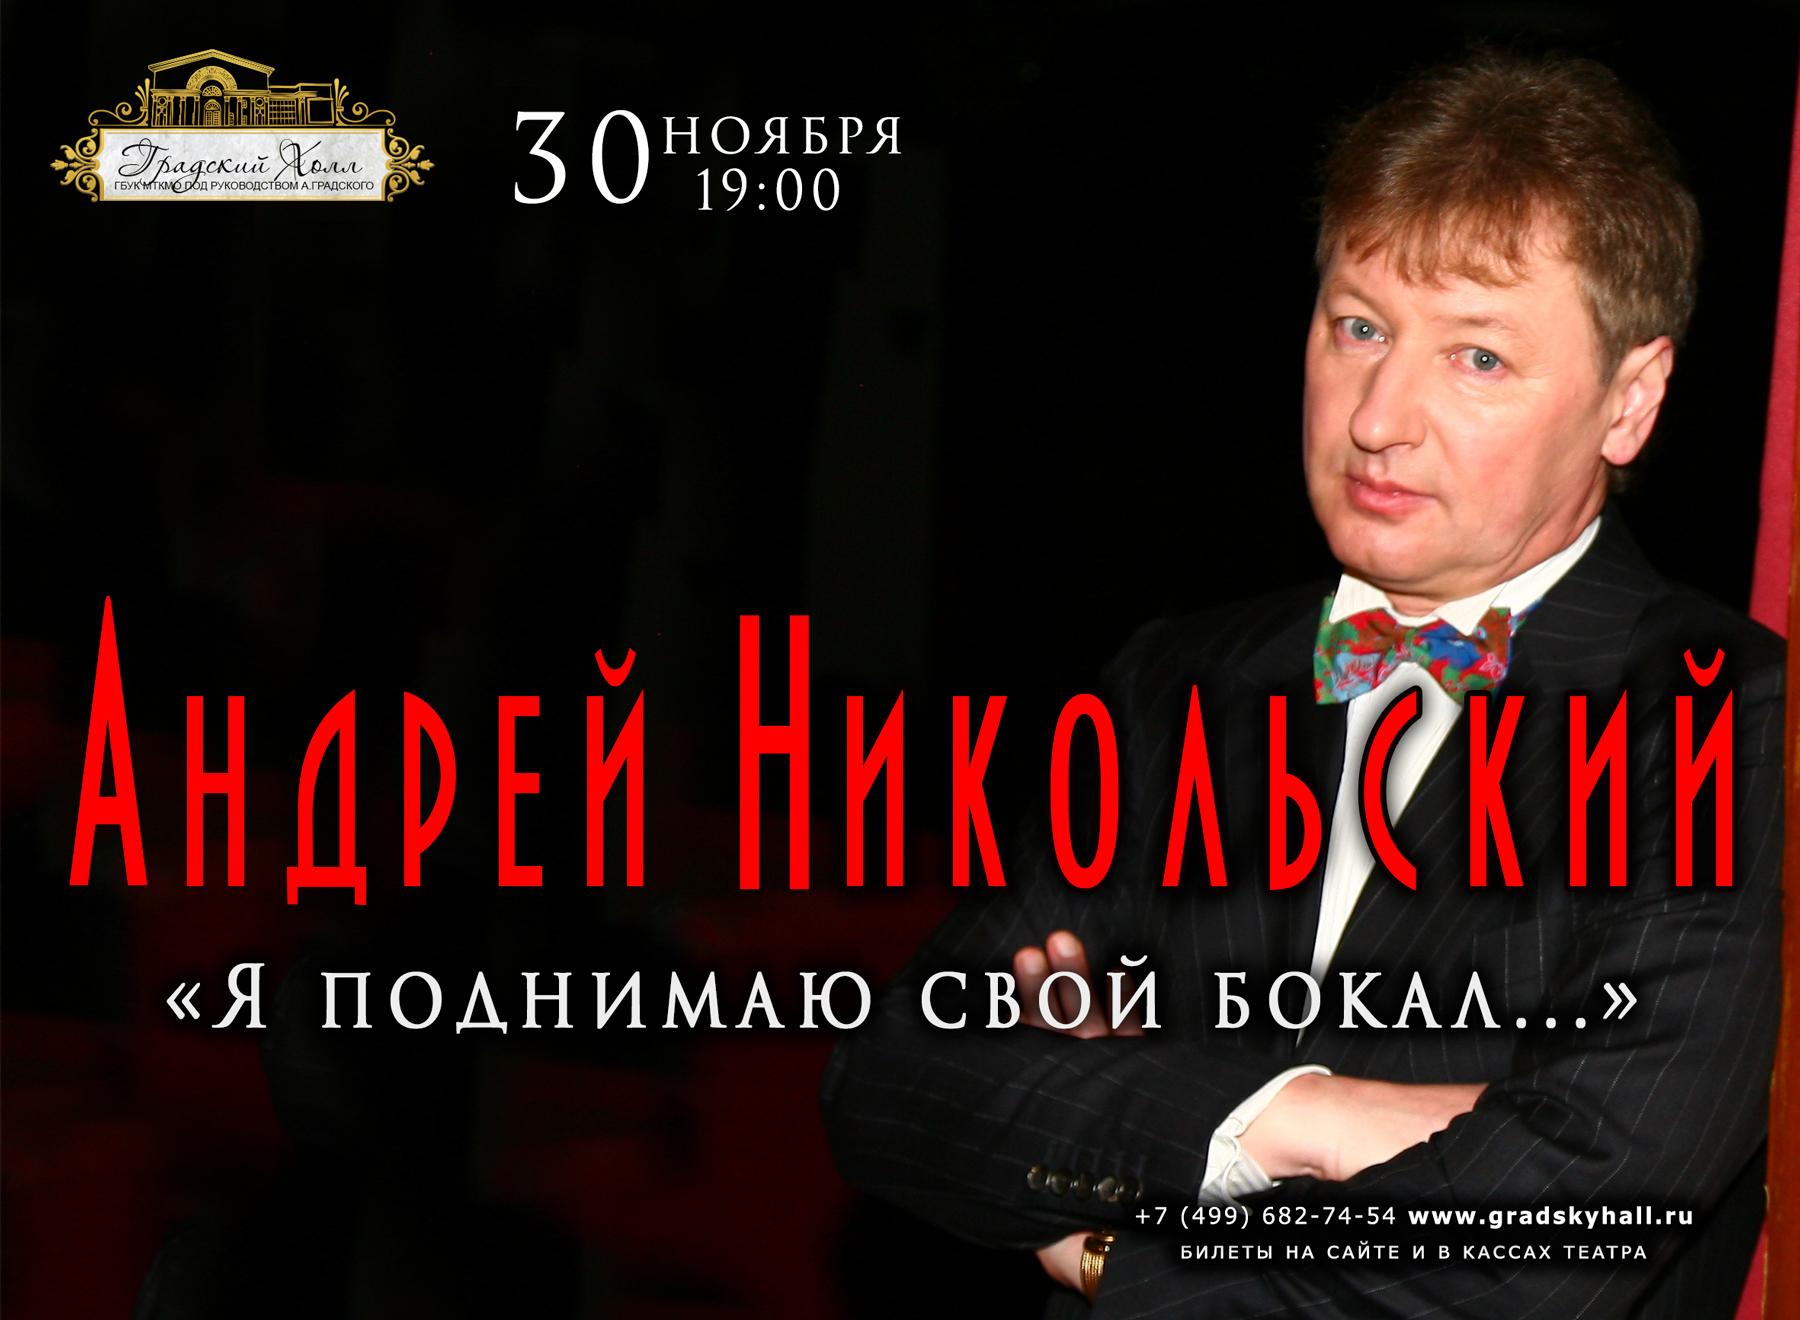 Андрей НИКОЛЬСКИЙ. «Я поднимаю свой бокал»